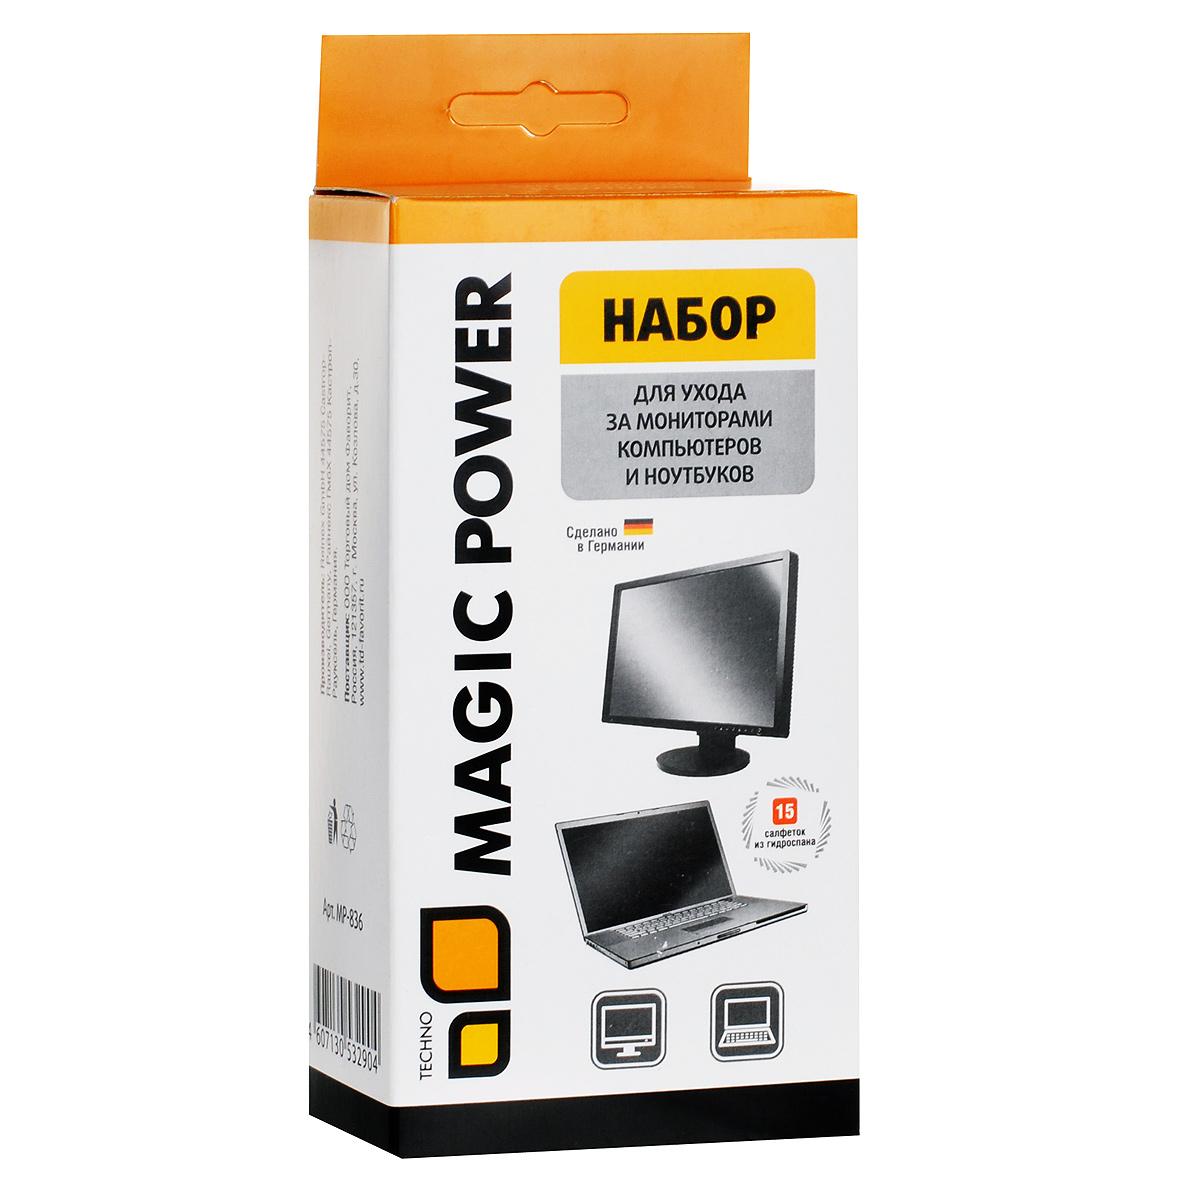 Набор для ухода за мониторами компьютеров и ноутбуков Magic Power Techno, 2 предметаMP-836Набор для ухода за мониторами компьютеров и ноутбуков Magic Power Techno включает специальный очиститель и 15 салфеток из гидроспана. Очиститель предназначен для очистки и антистатической обработки экранов мониторов компьютеров и ноутбуков, LCD и TFT экранов, жидкокристаллических дисплеев, защитных фильтров, стеклянных деталей копировальных аппаратов, сканеров и сенсорных экранов. Эффективно удаляет любые загрязнения: пыль, жирные пятна, никотиновую пленку, следы от пальцев и другие специфические загрязнения. Не повреждает антибликовое покрытие. Экономичен в использовании. Сухие салфетки предназначены для эффективной и бережной очистки. Прекрасно впитывают влагу и удаляют загрязнения, не оставляя разводов и ворсинок. Обладают повышенной износостойкостью. Состав средства: Объем: 100 мл. Состав салфетки: безворсовый материал на основе бесклеевого...